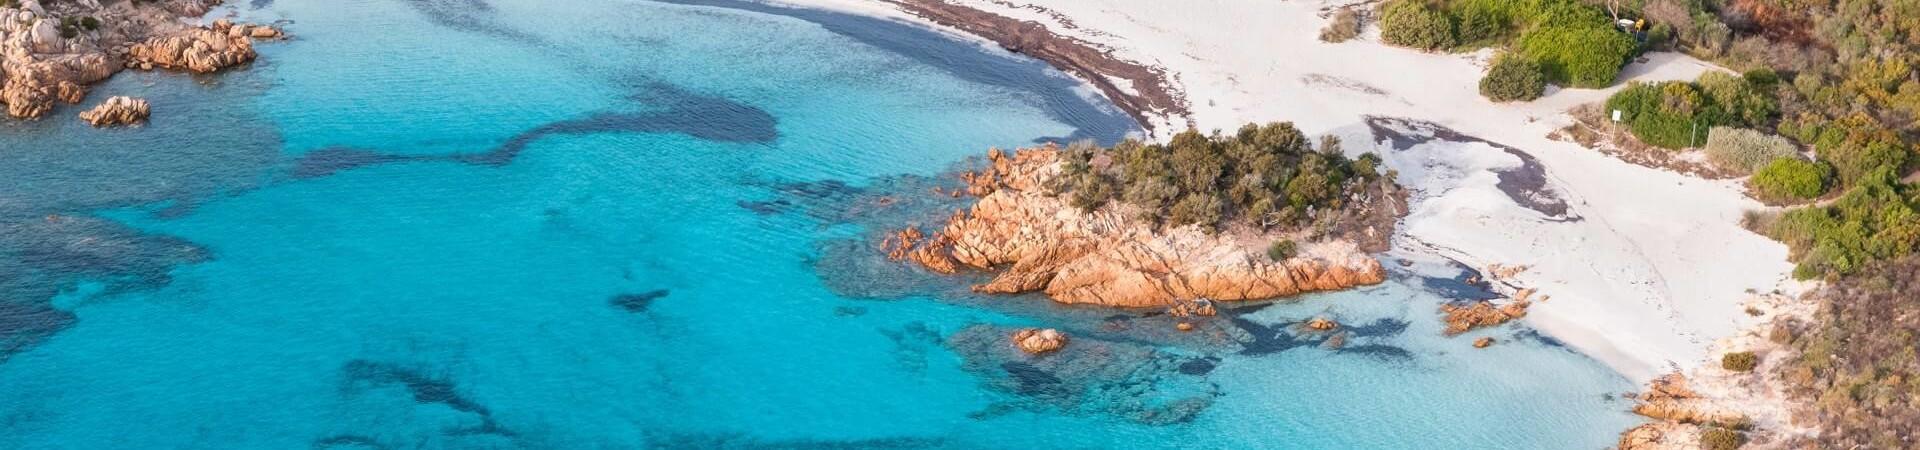 Najpiękniejsza plaża we Włoszech